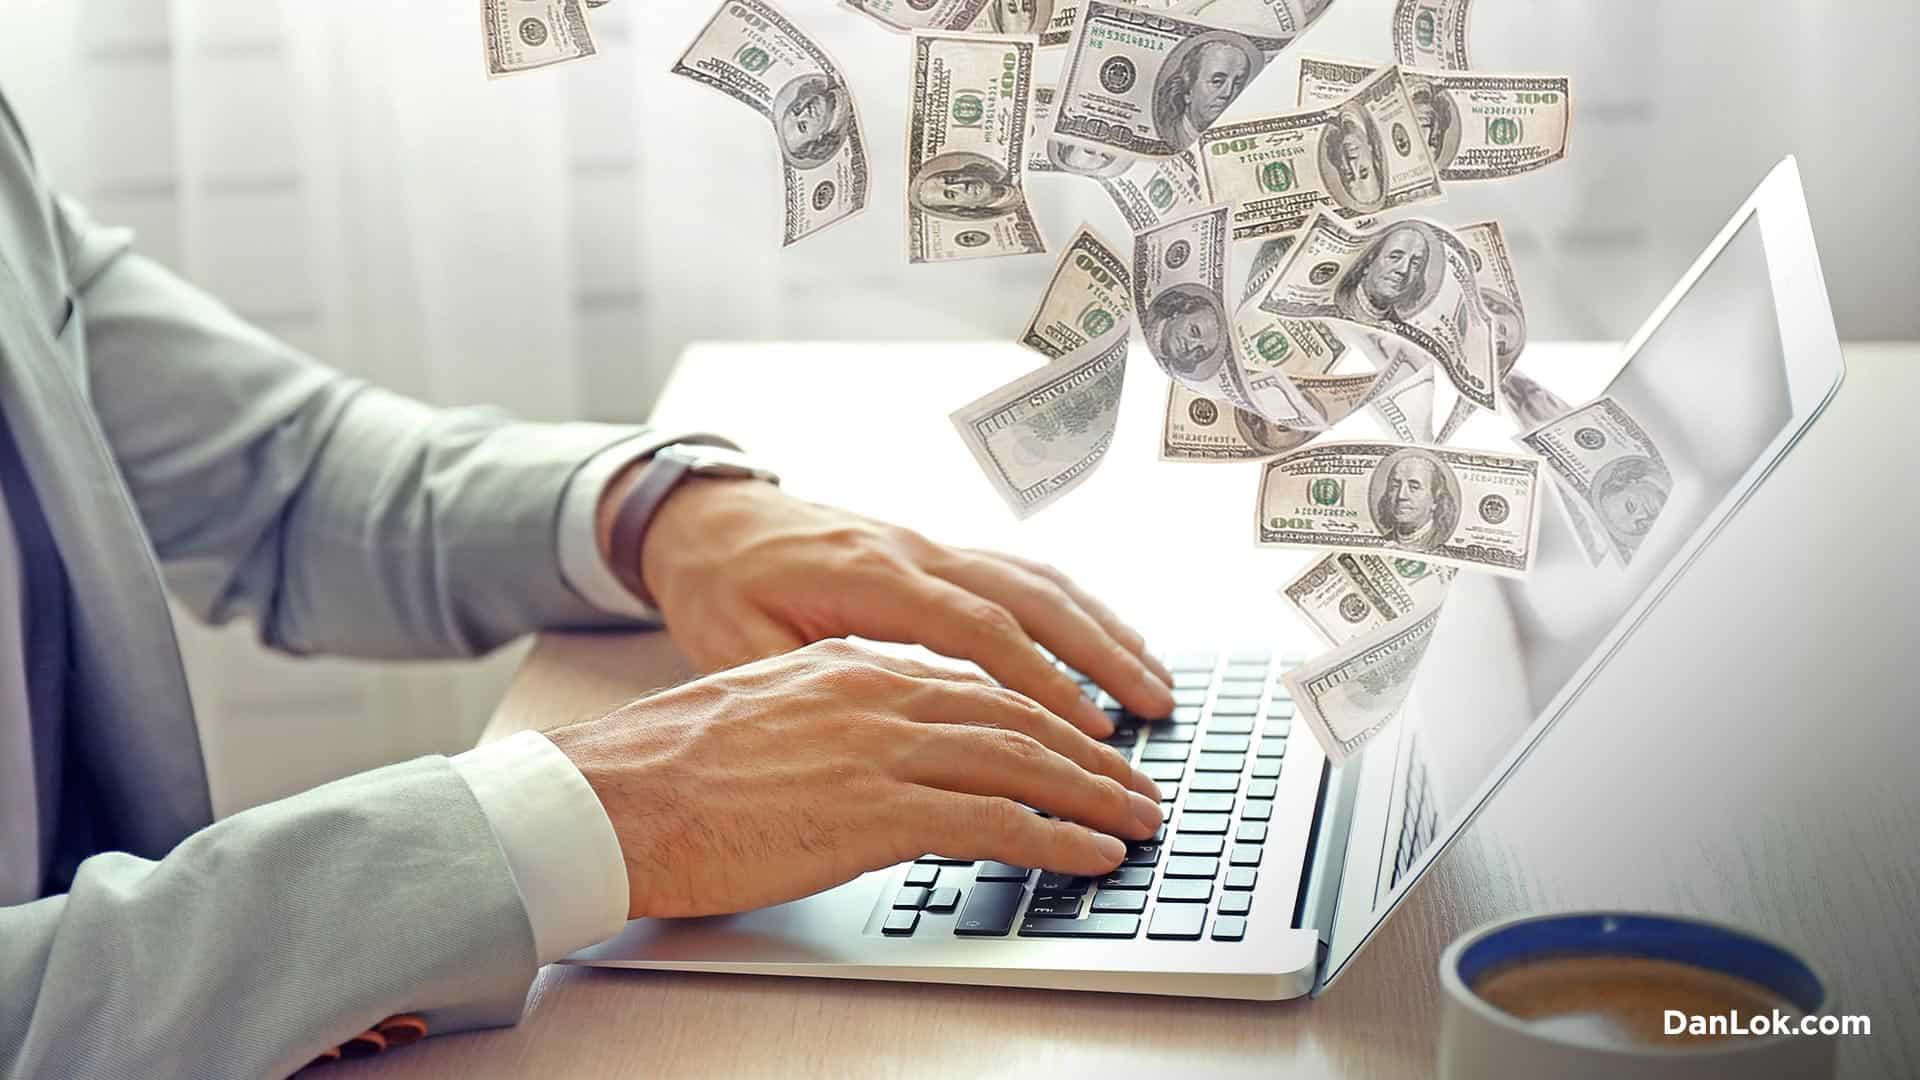 Schnellster Weg, um $ 5.000-als-vollständige-Texterstellung-Anfänger-Grafik-1 zu machen